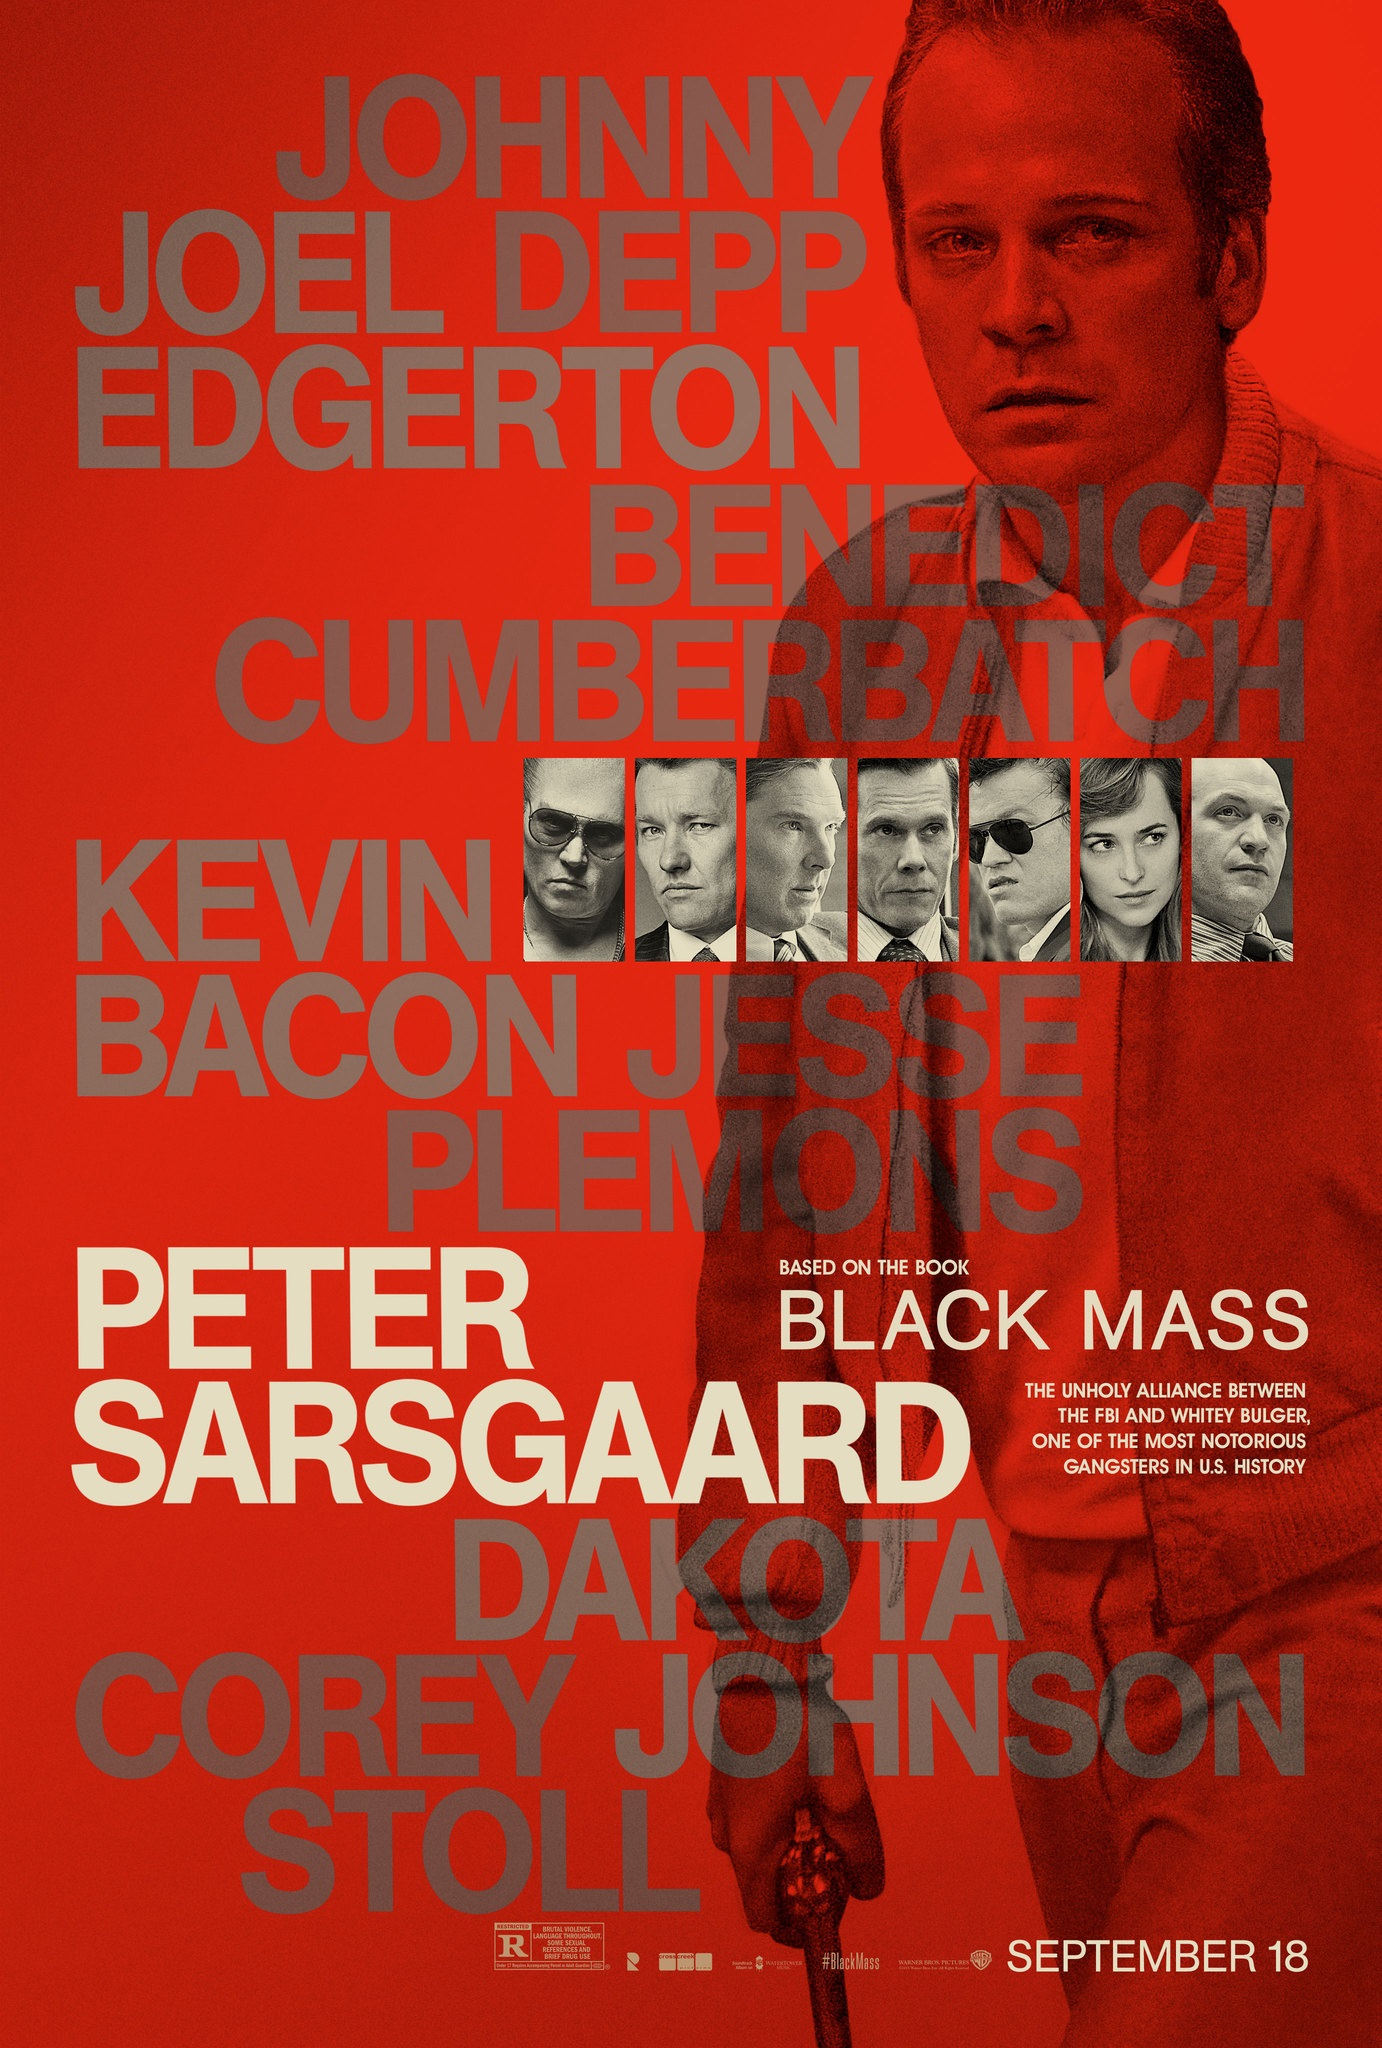 Black mass poster 9 Peter Sarsgaard